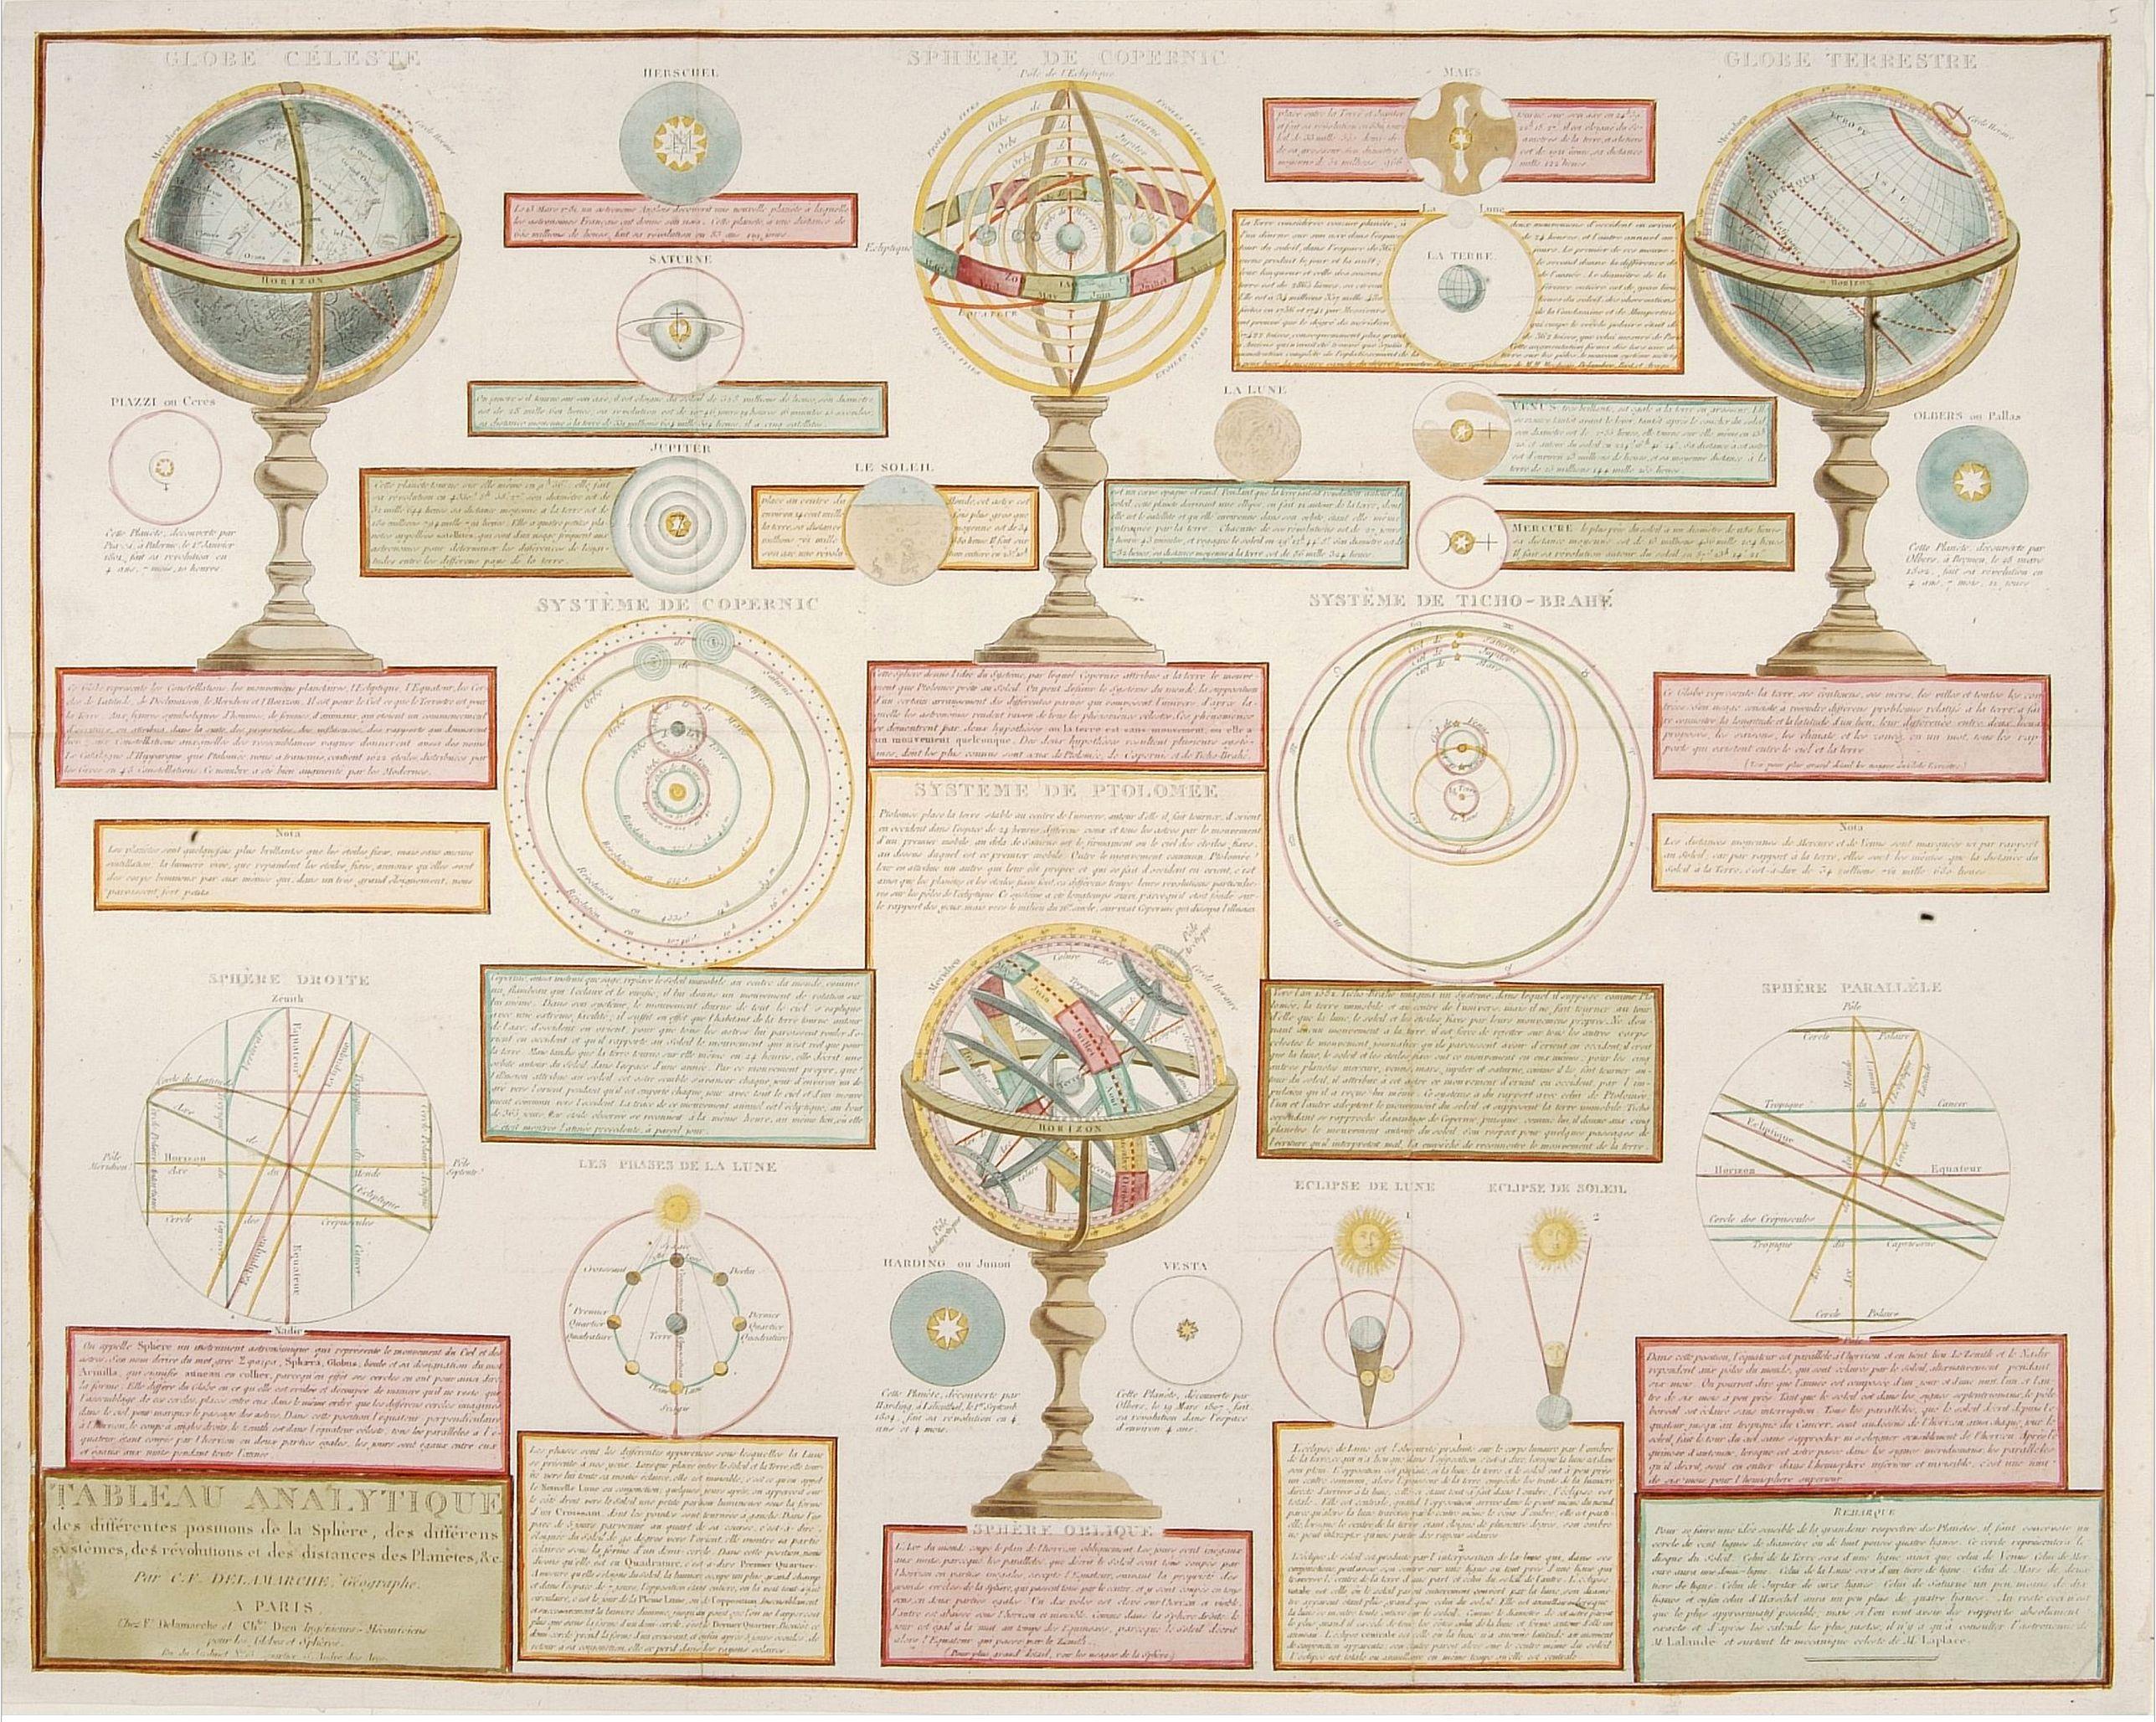 DELAMARCHE, C.F. -  Analytique des différentes positions de la Sphère, des différens systemes, des révolutions et des distances des Planètes, &c